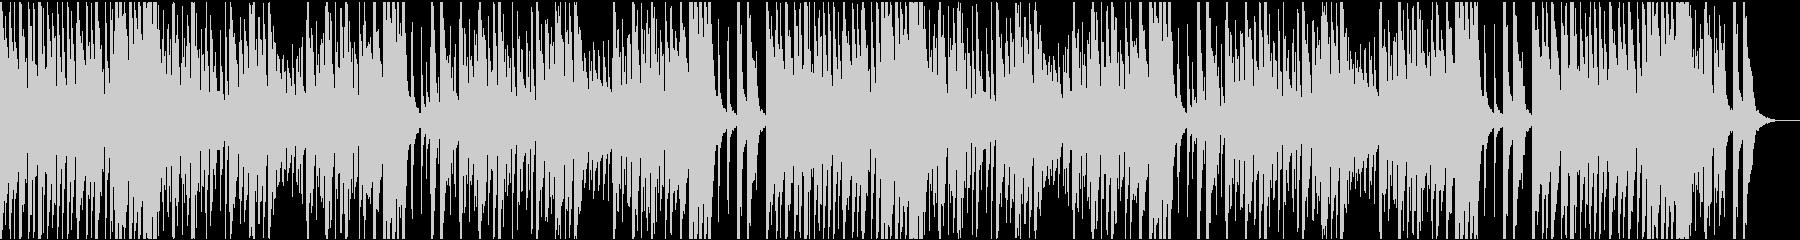 10秒でサビ、クラシック調のコミカルの未再生の波形